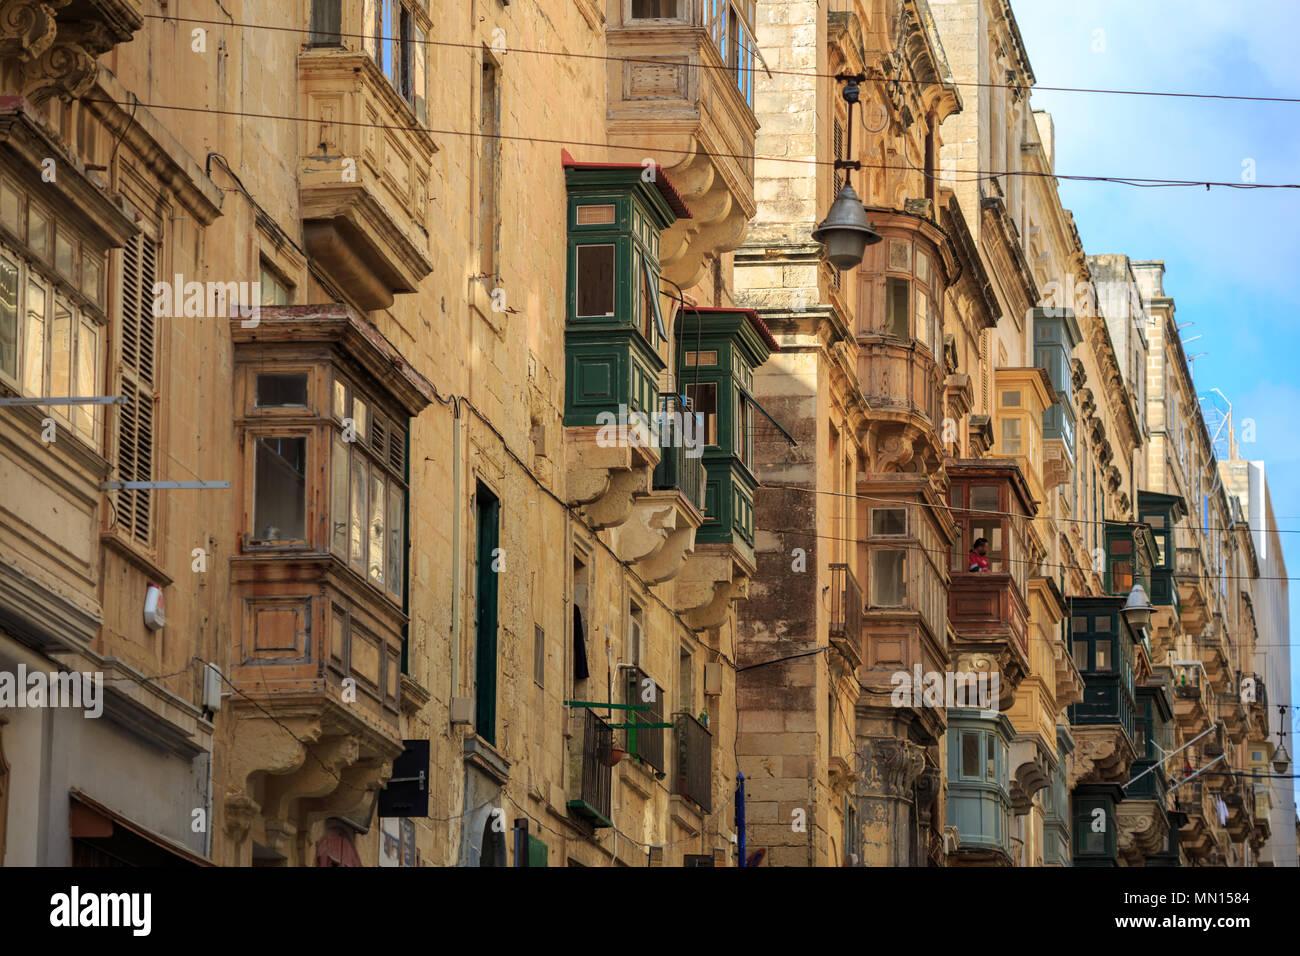 Malta, La Valletta, tradizionali edifici in pietra arenaria con ...